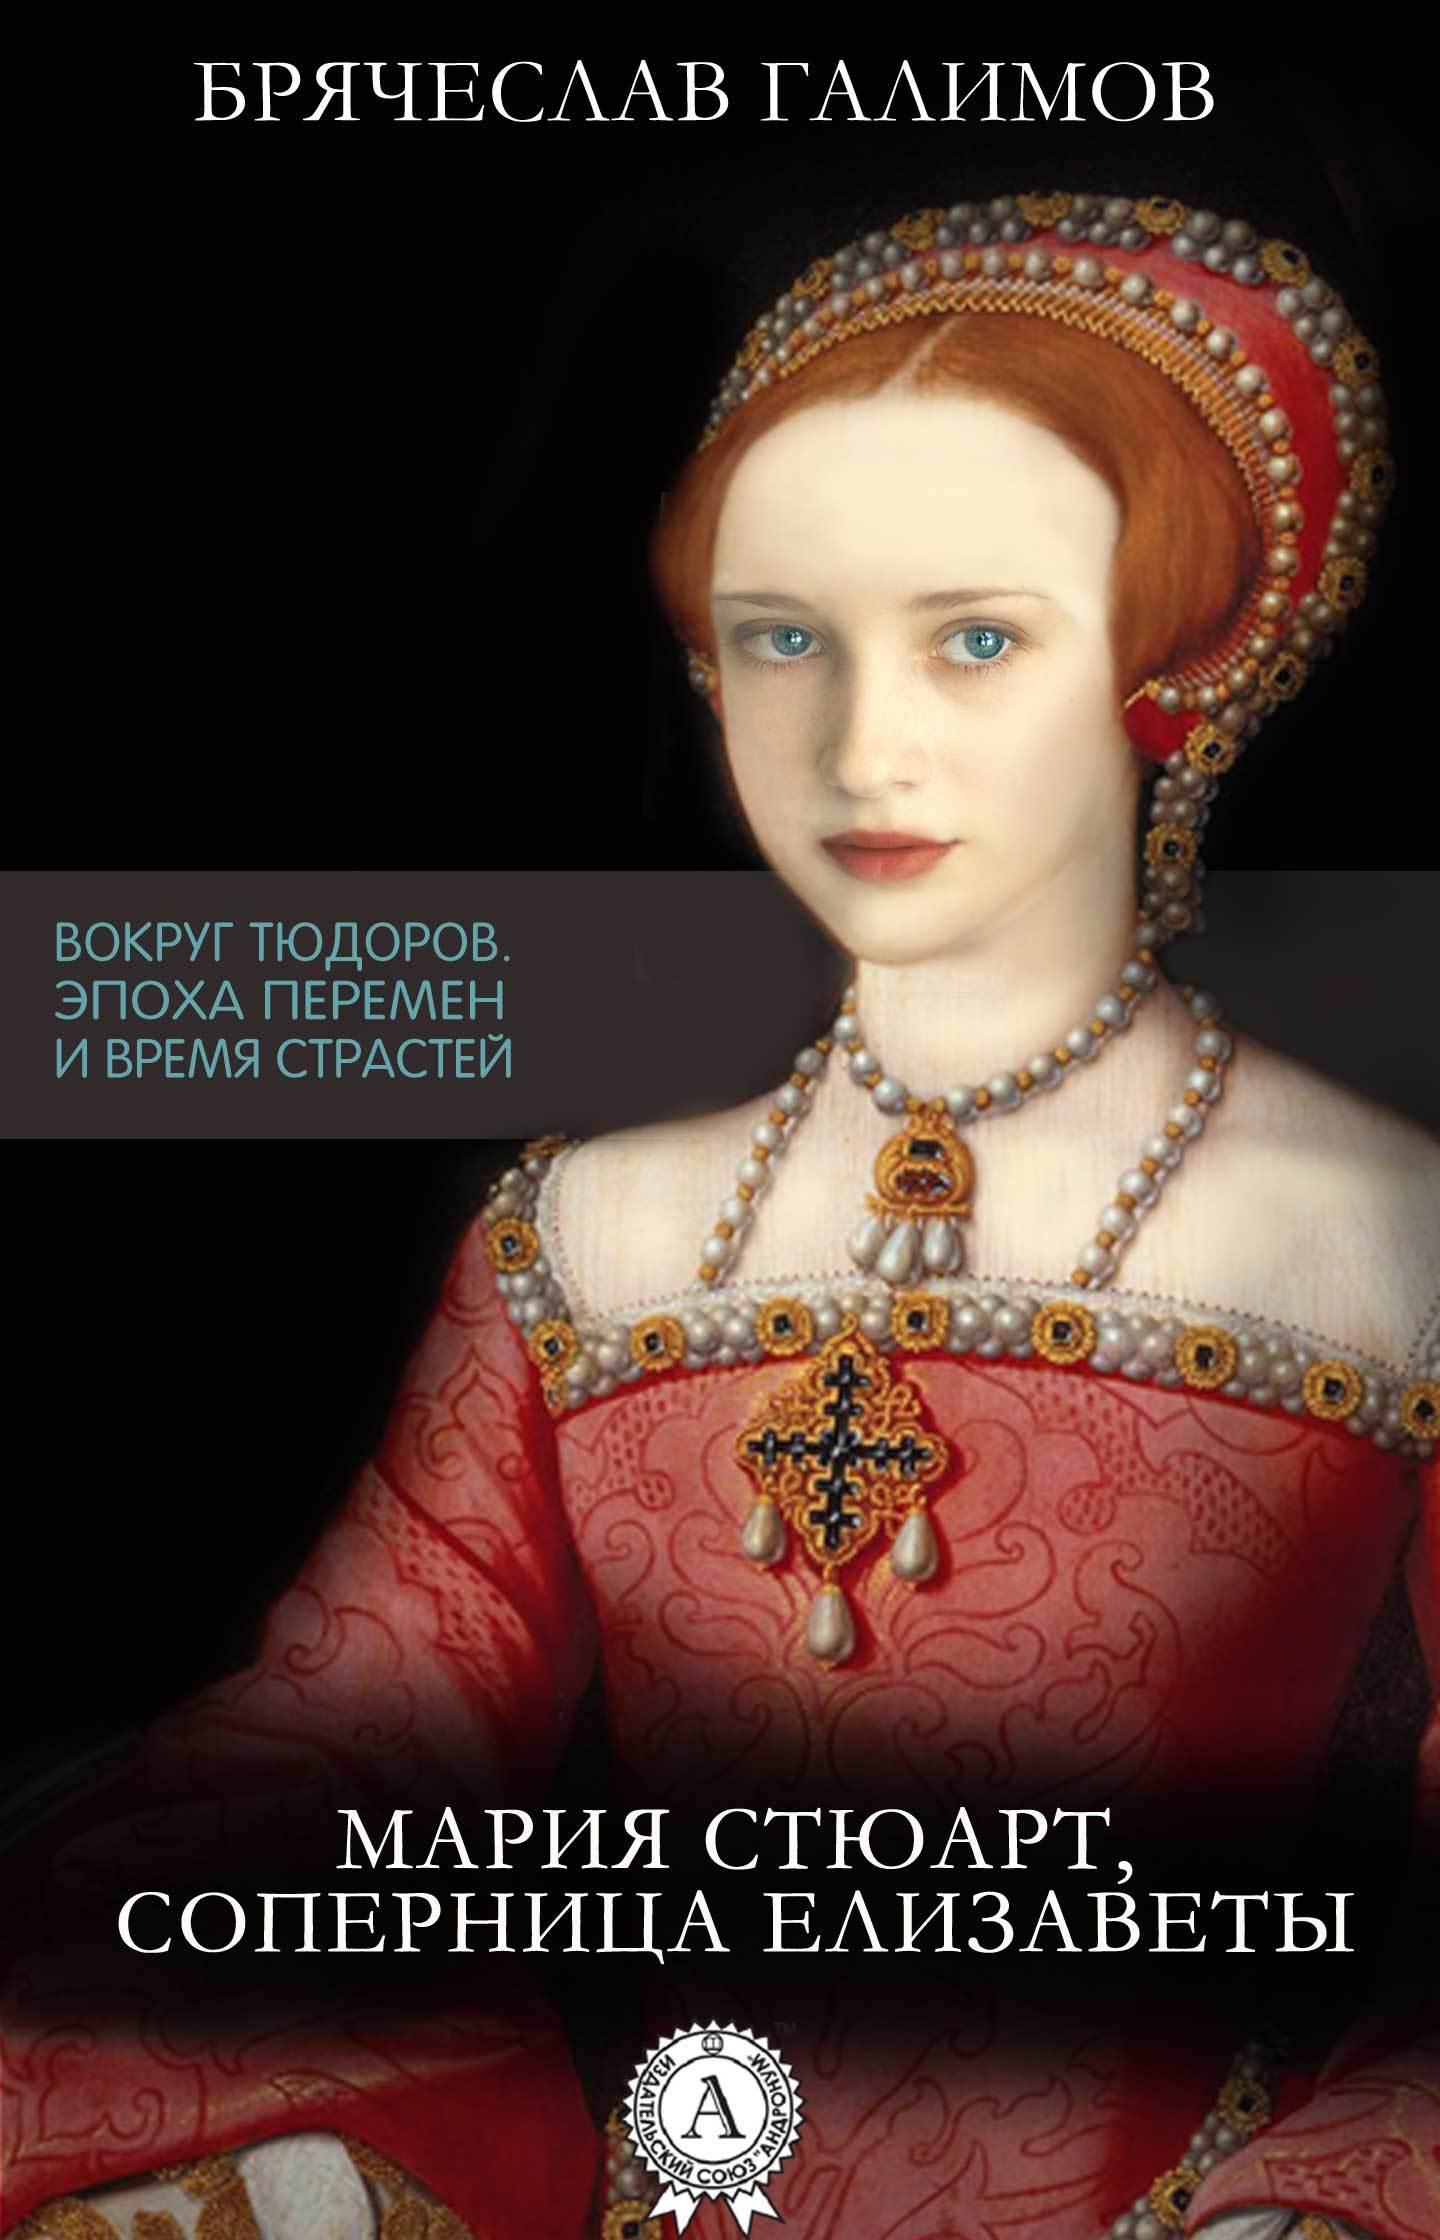 Галимов Брячеслав Мария Стюарт, соперница Елизаветы азбука заговор тюдоров